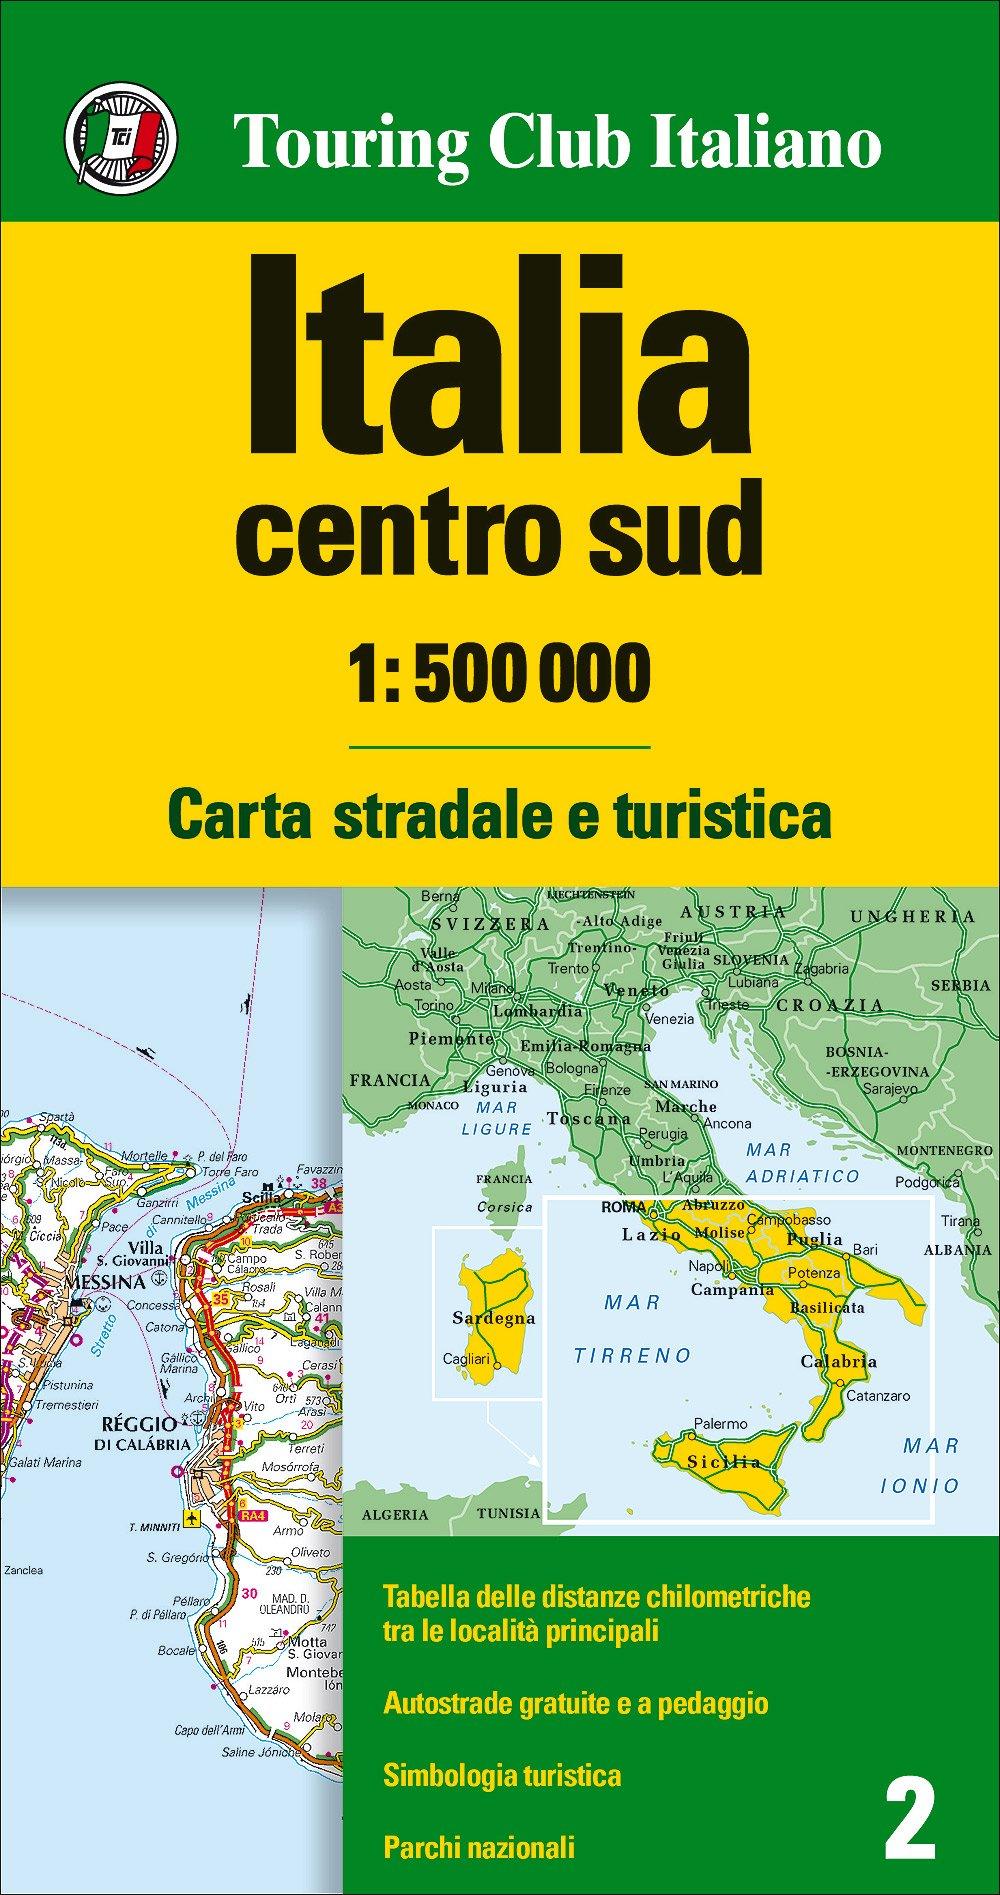 Italia Centro Meridionale Cartina.Amazon It Italia Centro Sud 1 500 000 Carta Stradale E Turistica Lingua Inglese Aa Vv Libri In Altre Lingue